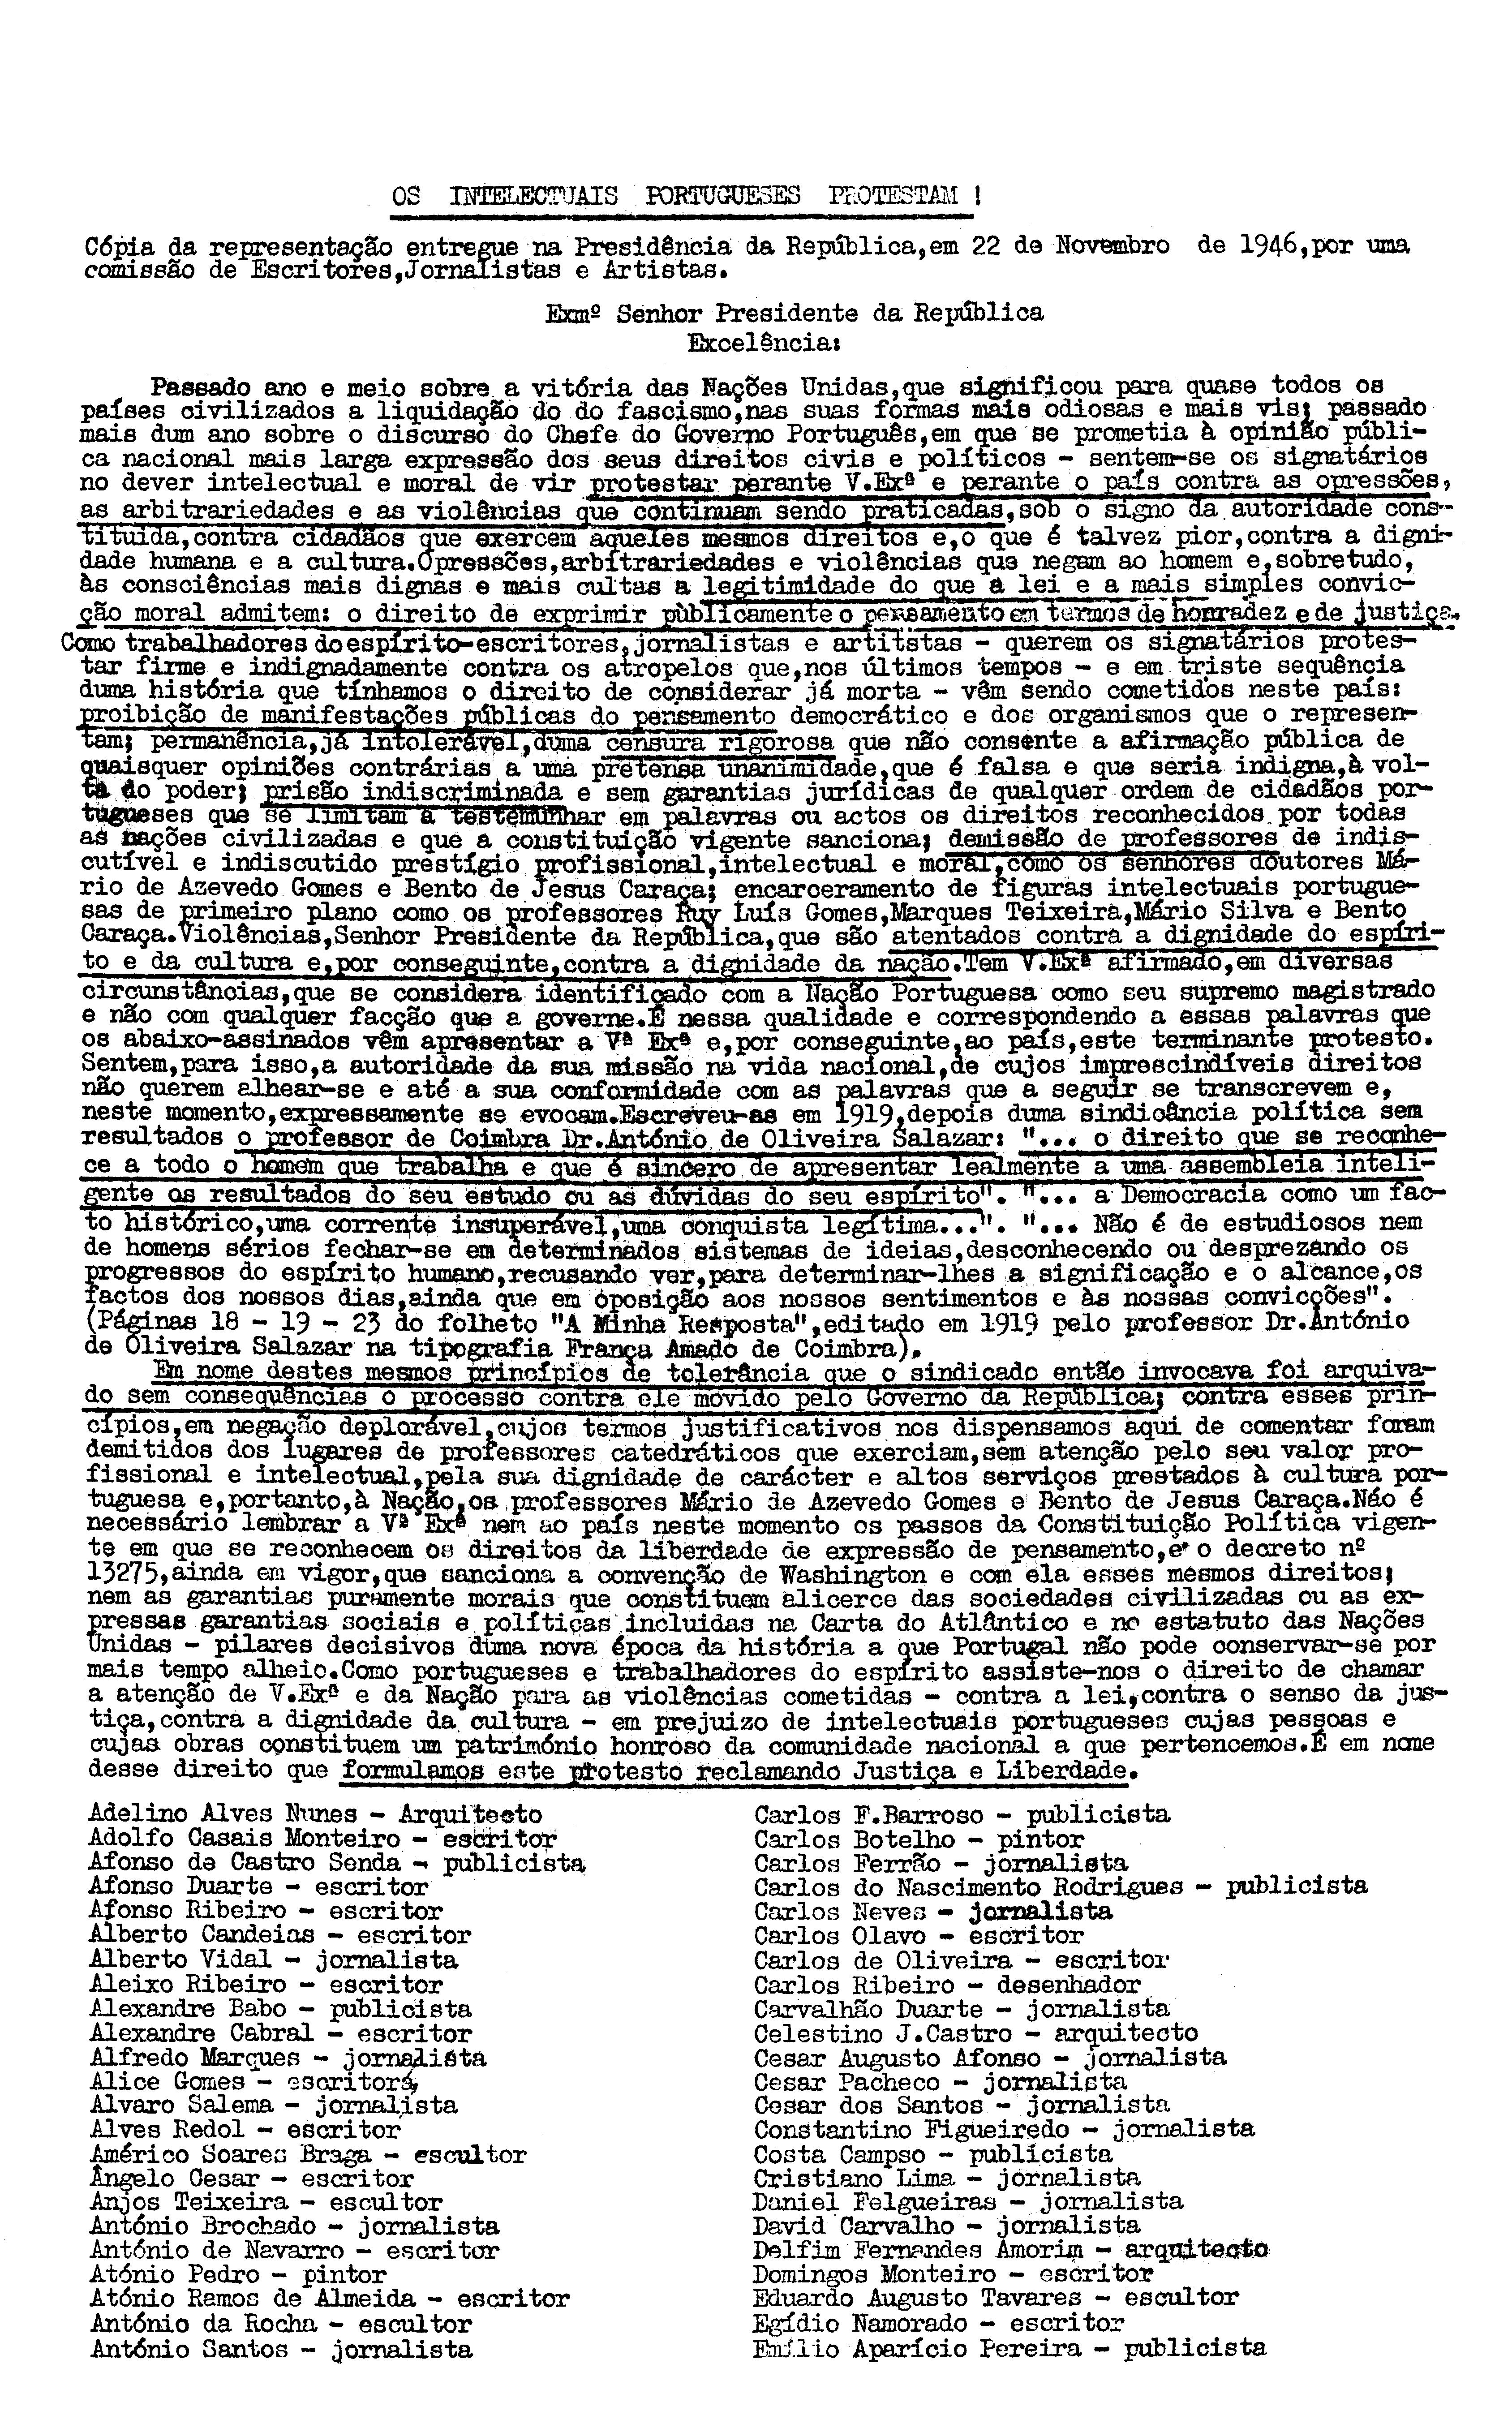 02969.052.002- pag.1